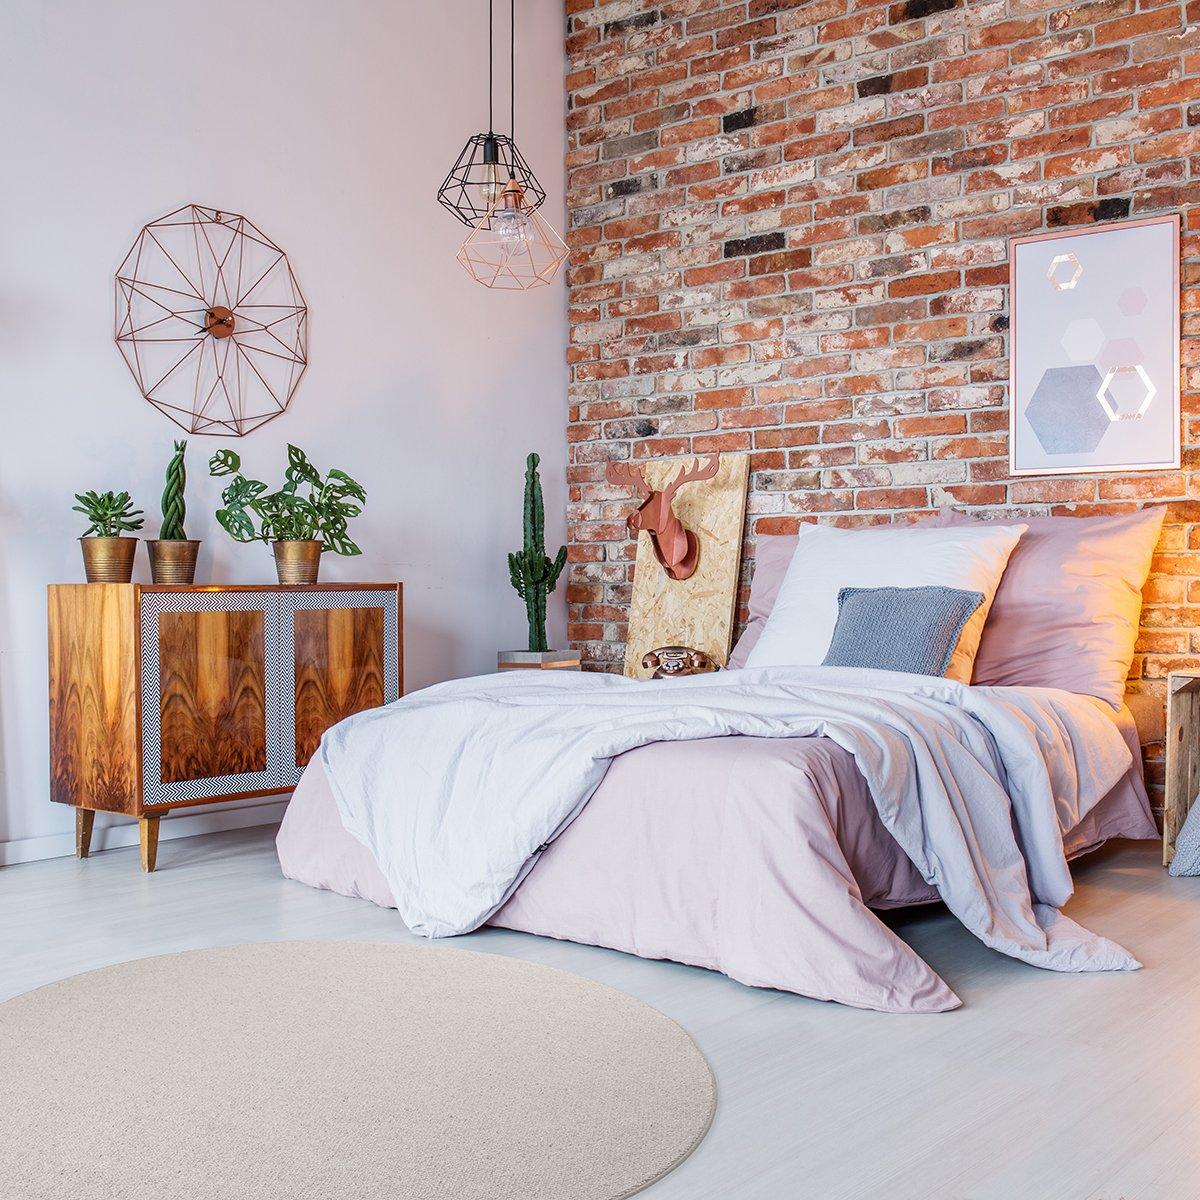 Havatex Schurwolle Teppich Shepherd rund - Farbe wählbar   100% strapazierfähige Naturfaser Wolle   für Wohnzimmer Schlafzimmer Esszimmer Büros, Farbe Beige, Größe 133 cm rund